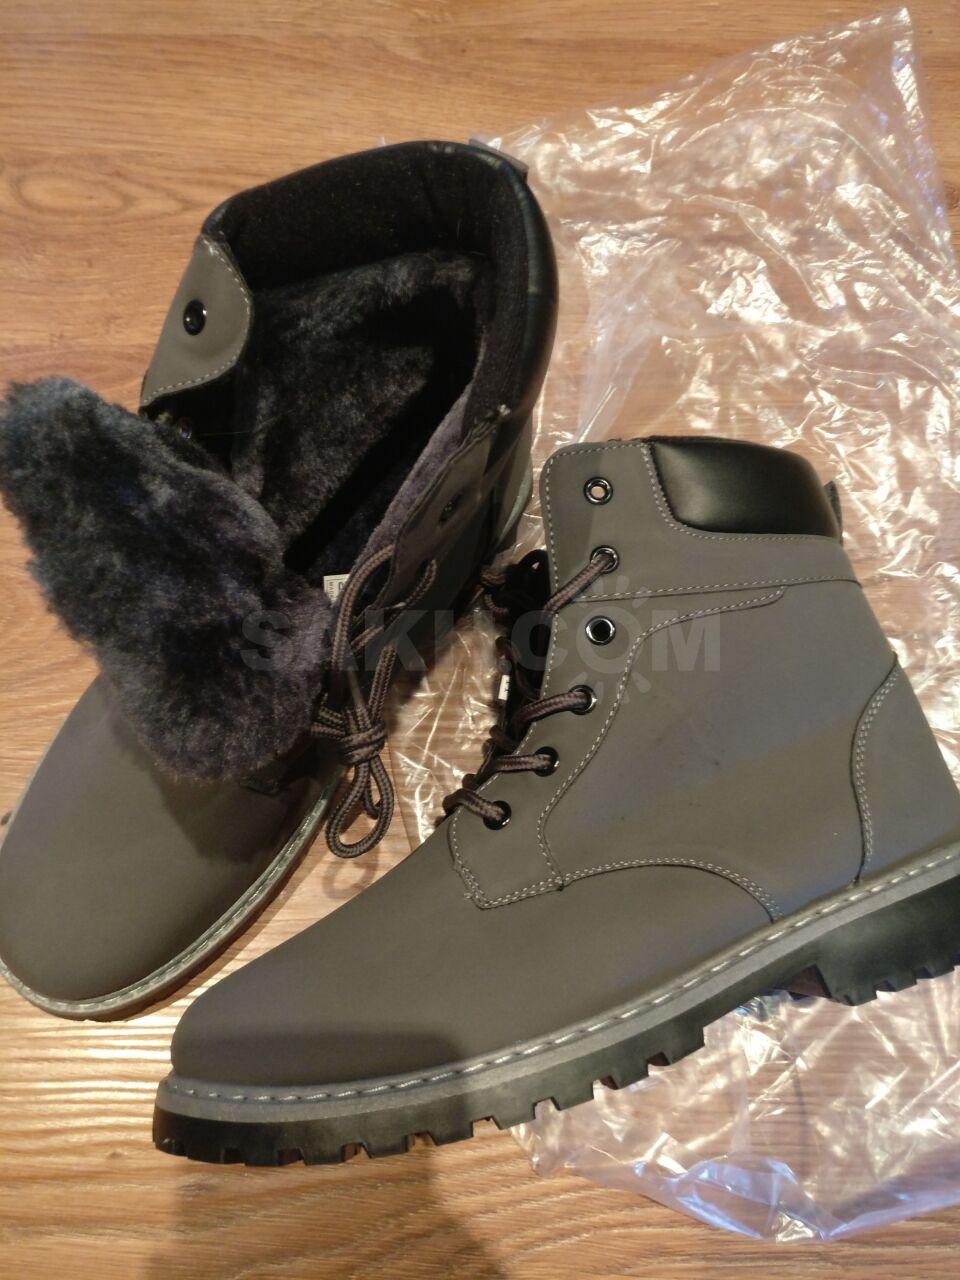 3dd7b84a2 Новые мужские зимние ботинки, 42 размер, китайский 44 размер - маломерки,  производство Китай.